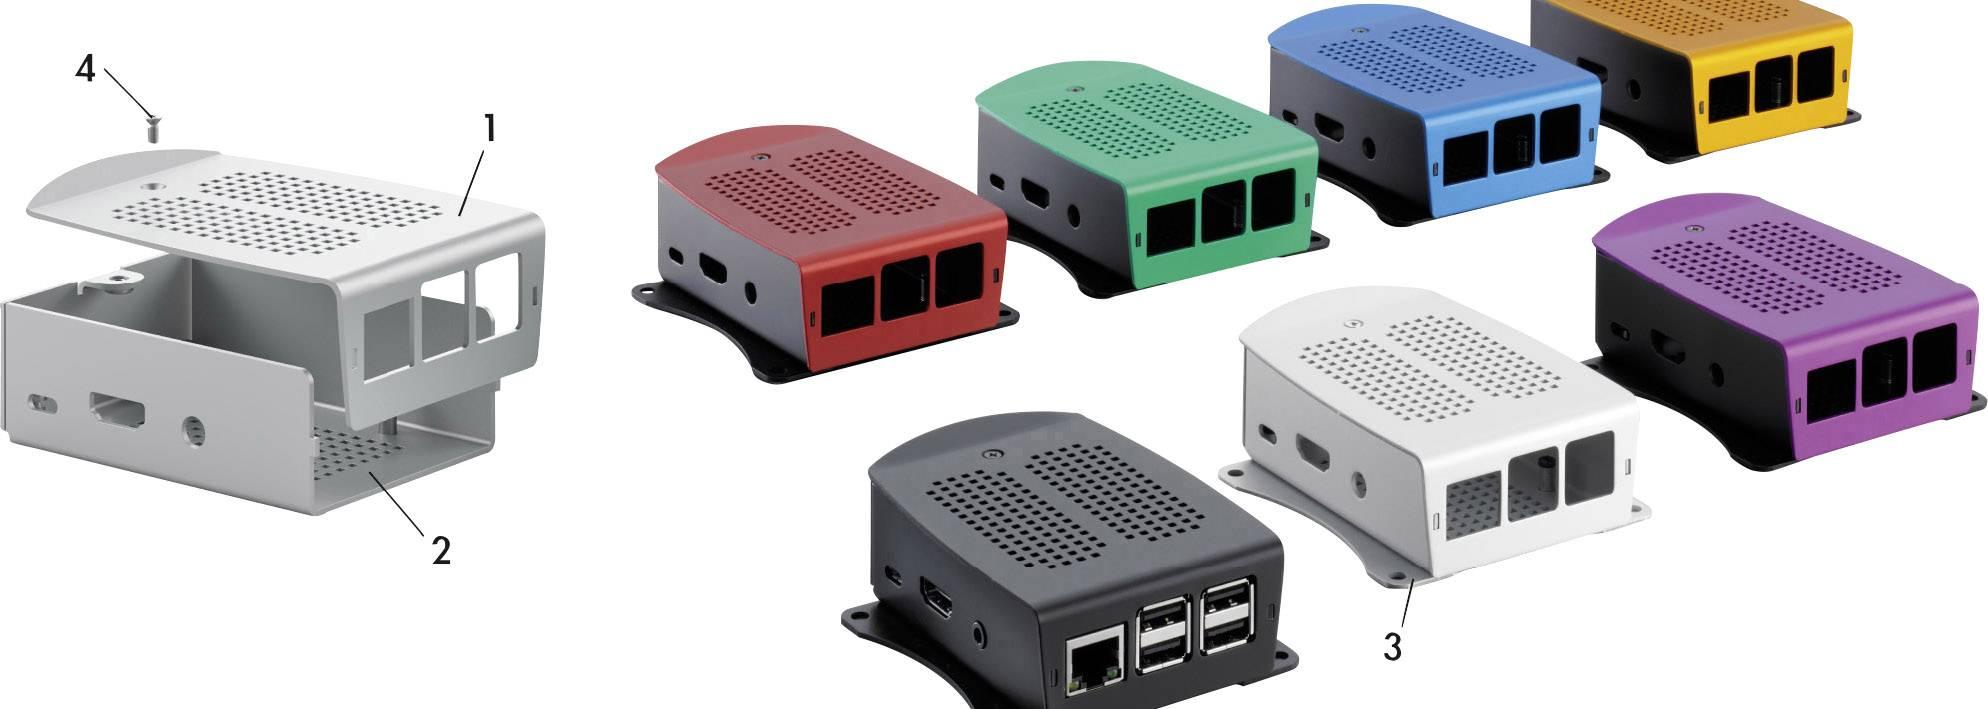 Kryt pro Raspberry Pi® Fischer Elektronik 10132698, přírodní, černá